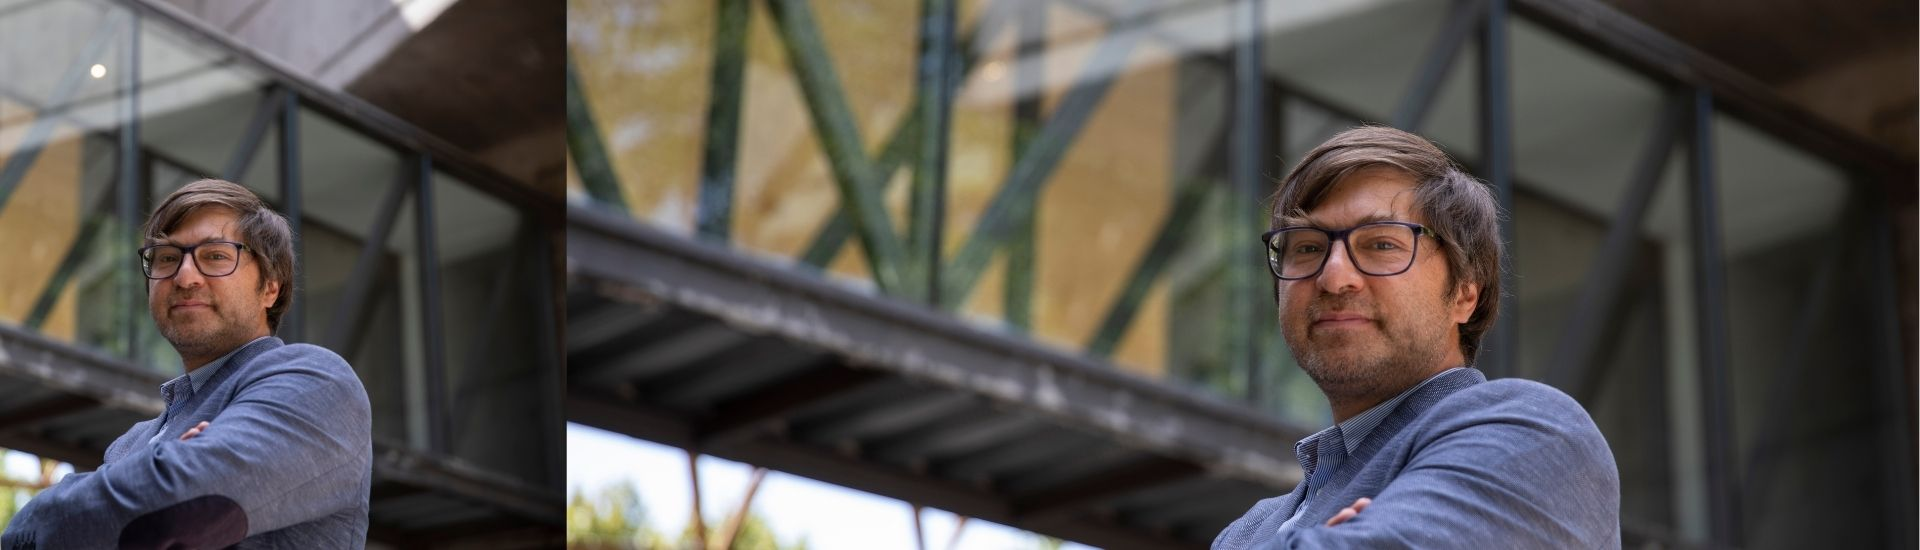 Fotografía del decano de Educación UC, Alejandro Carrasco. En la imagen se encuentra la Facultad de Educación y mirando a la cámara de medio lado